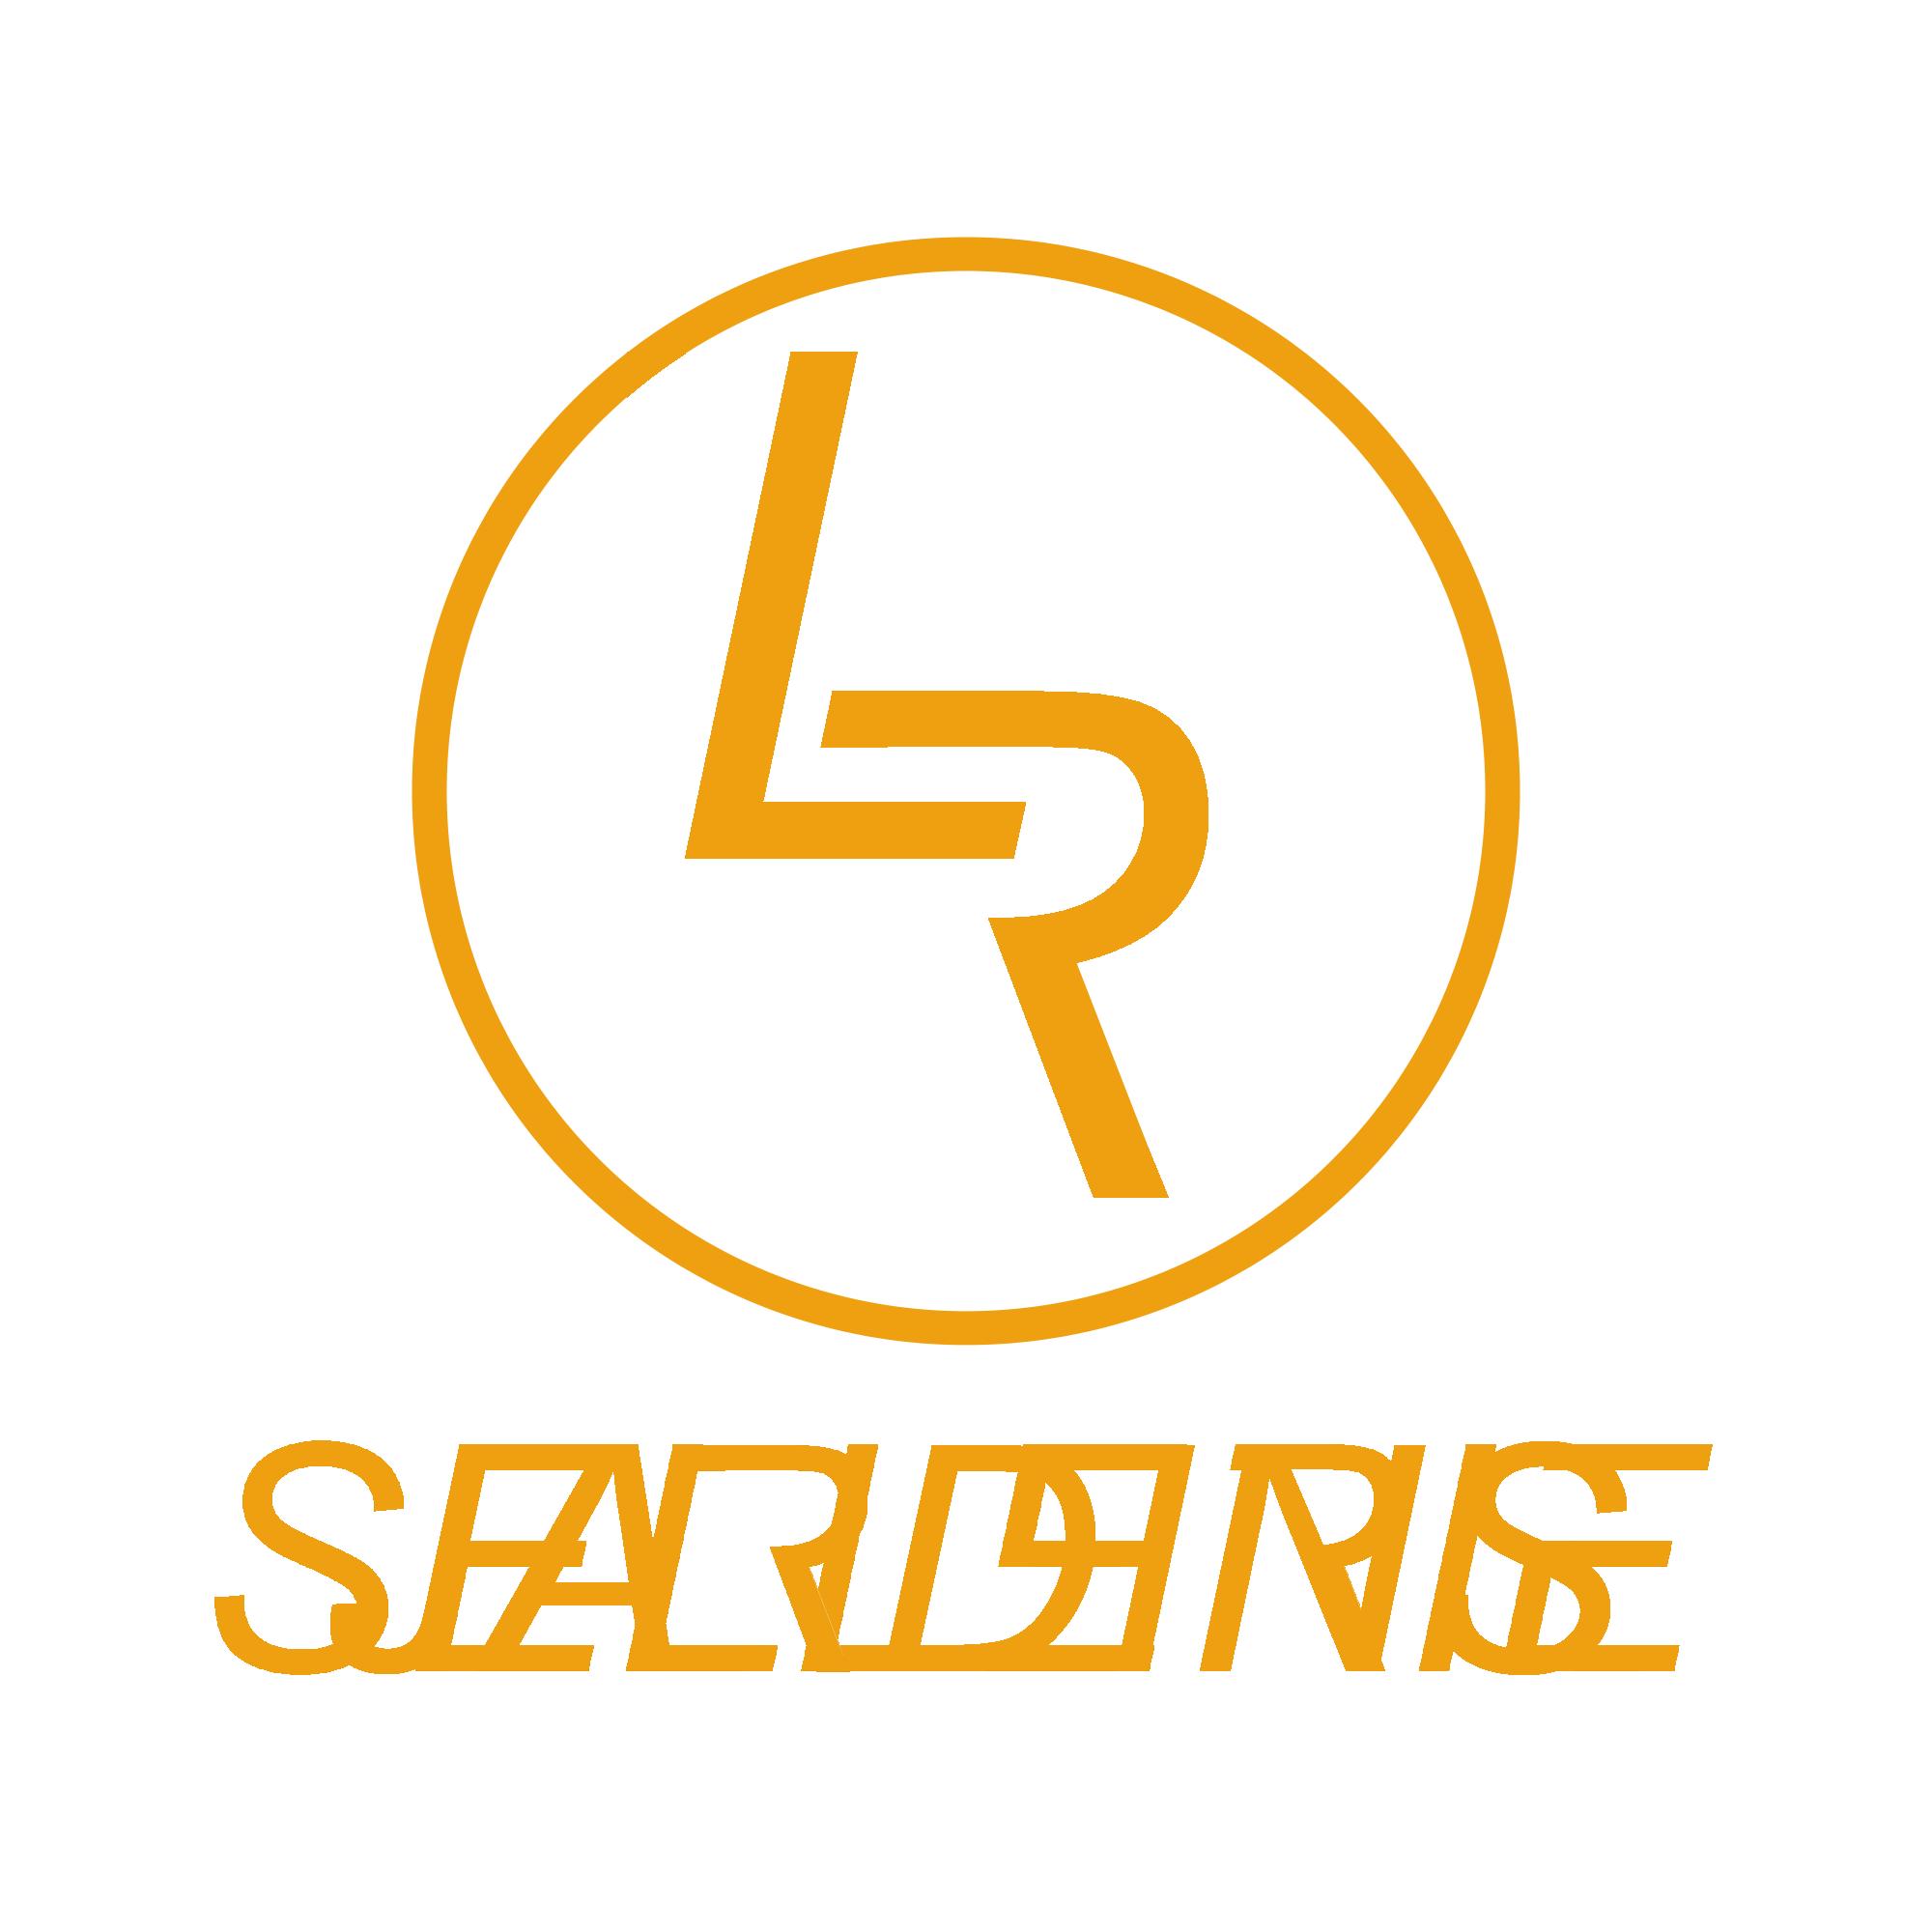 Logo LR - JARDINS (Light)